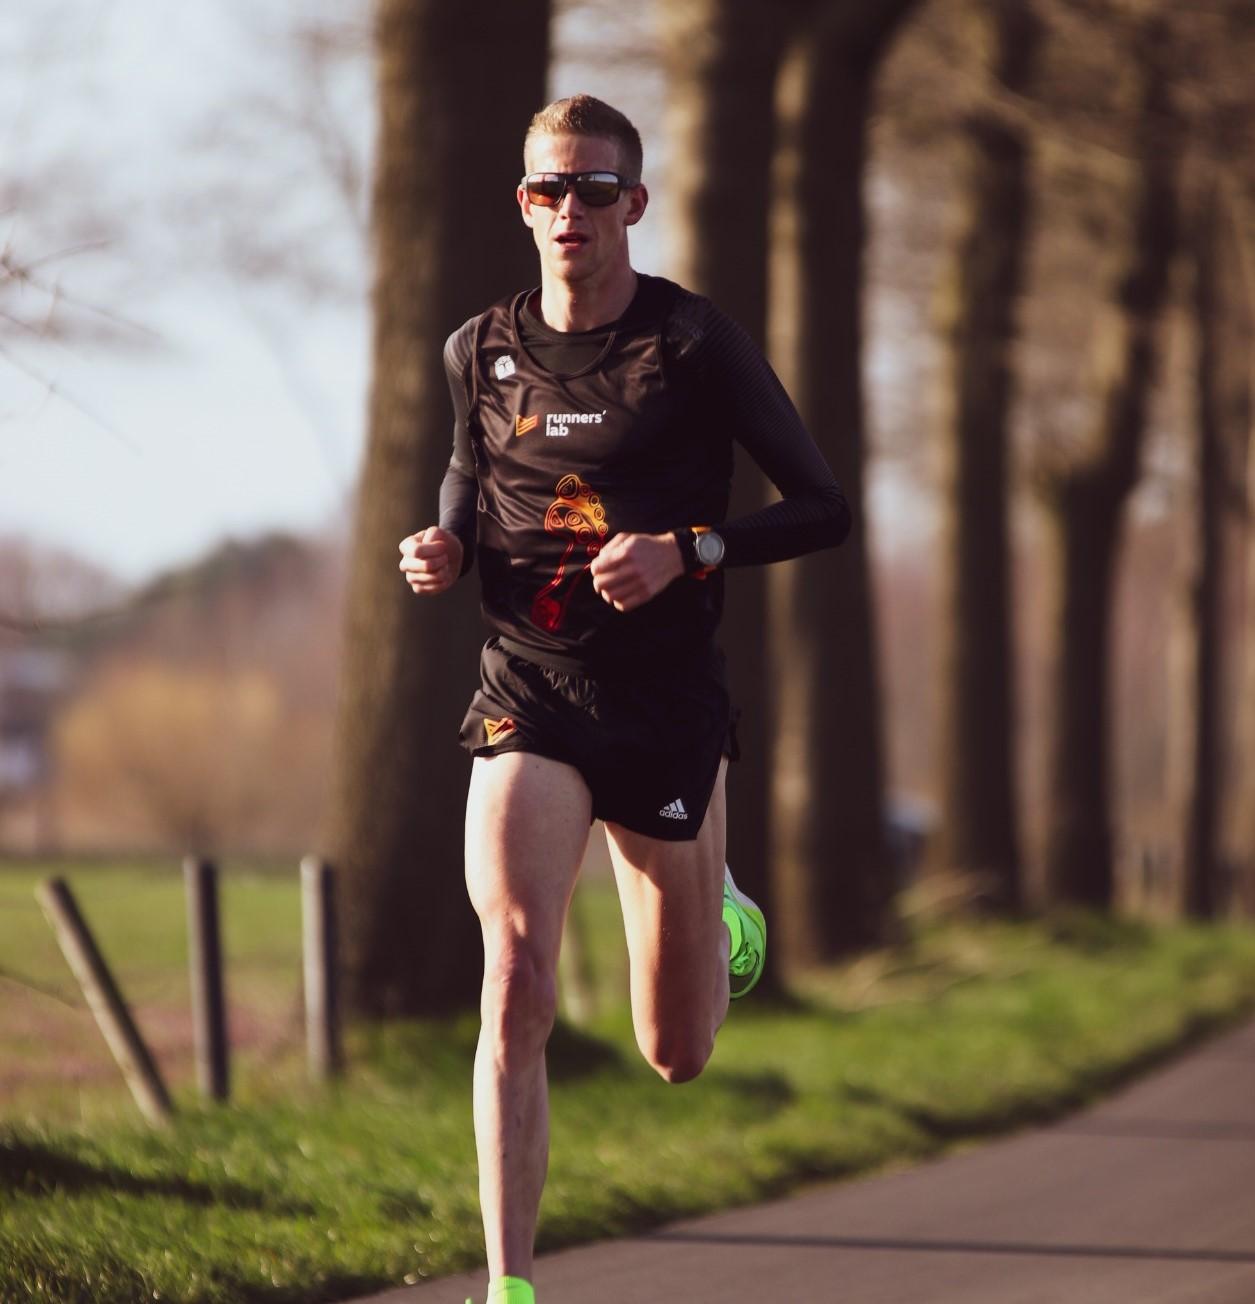 team-runners-lab-yannick-michiels